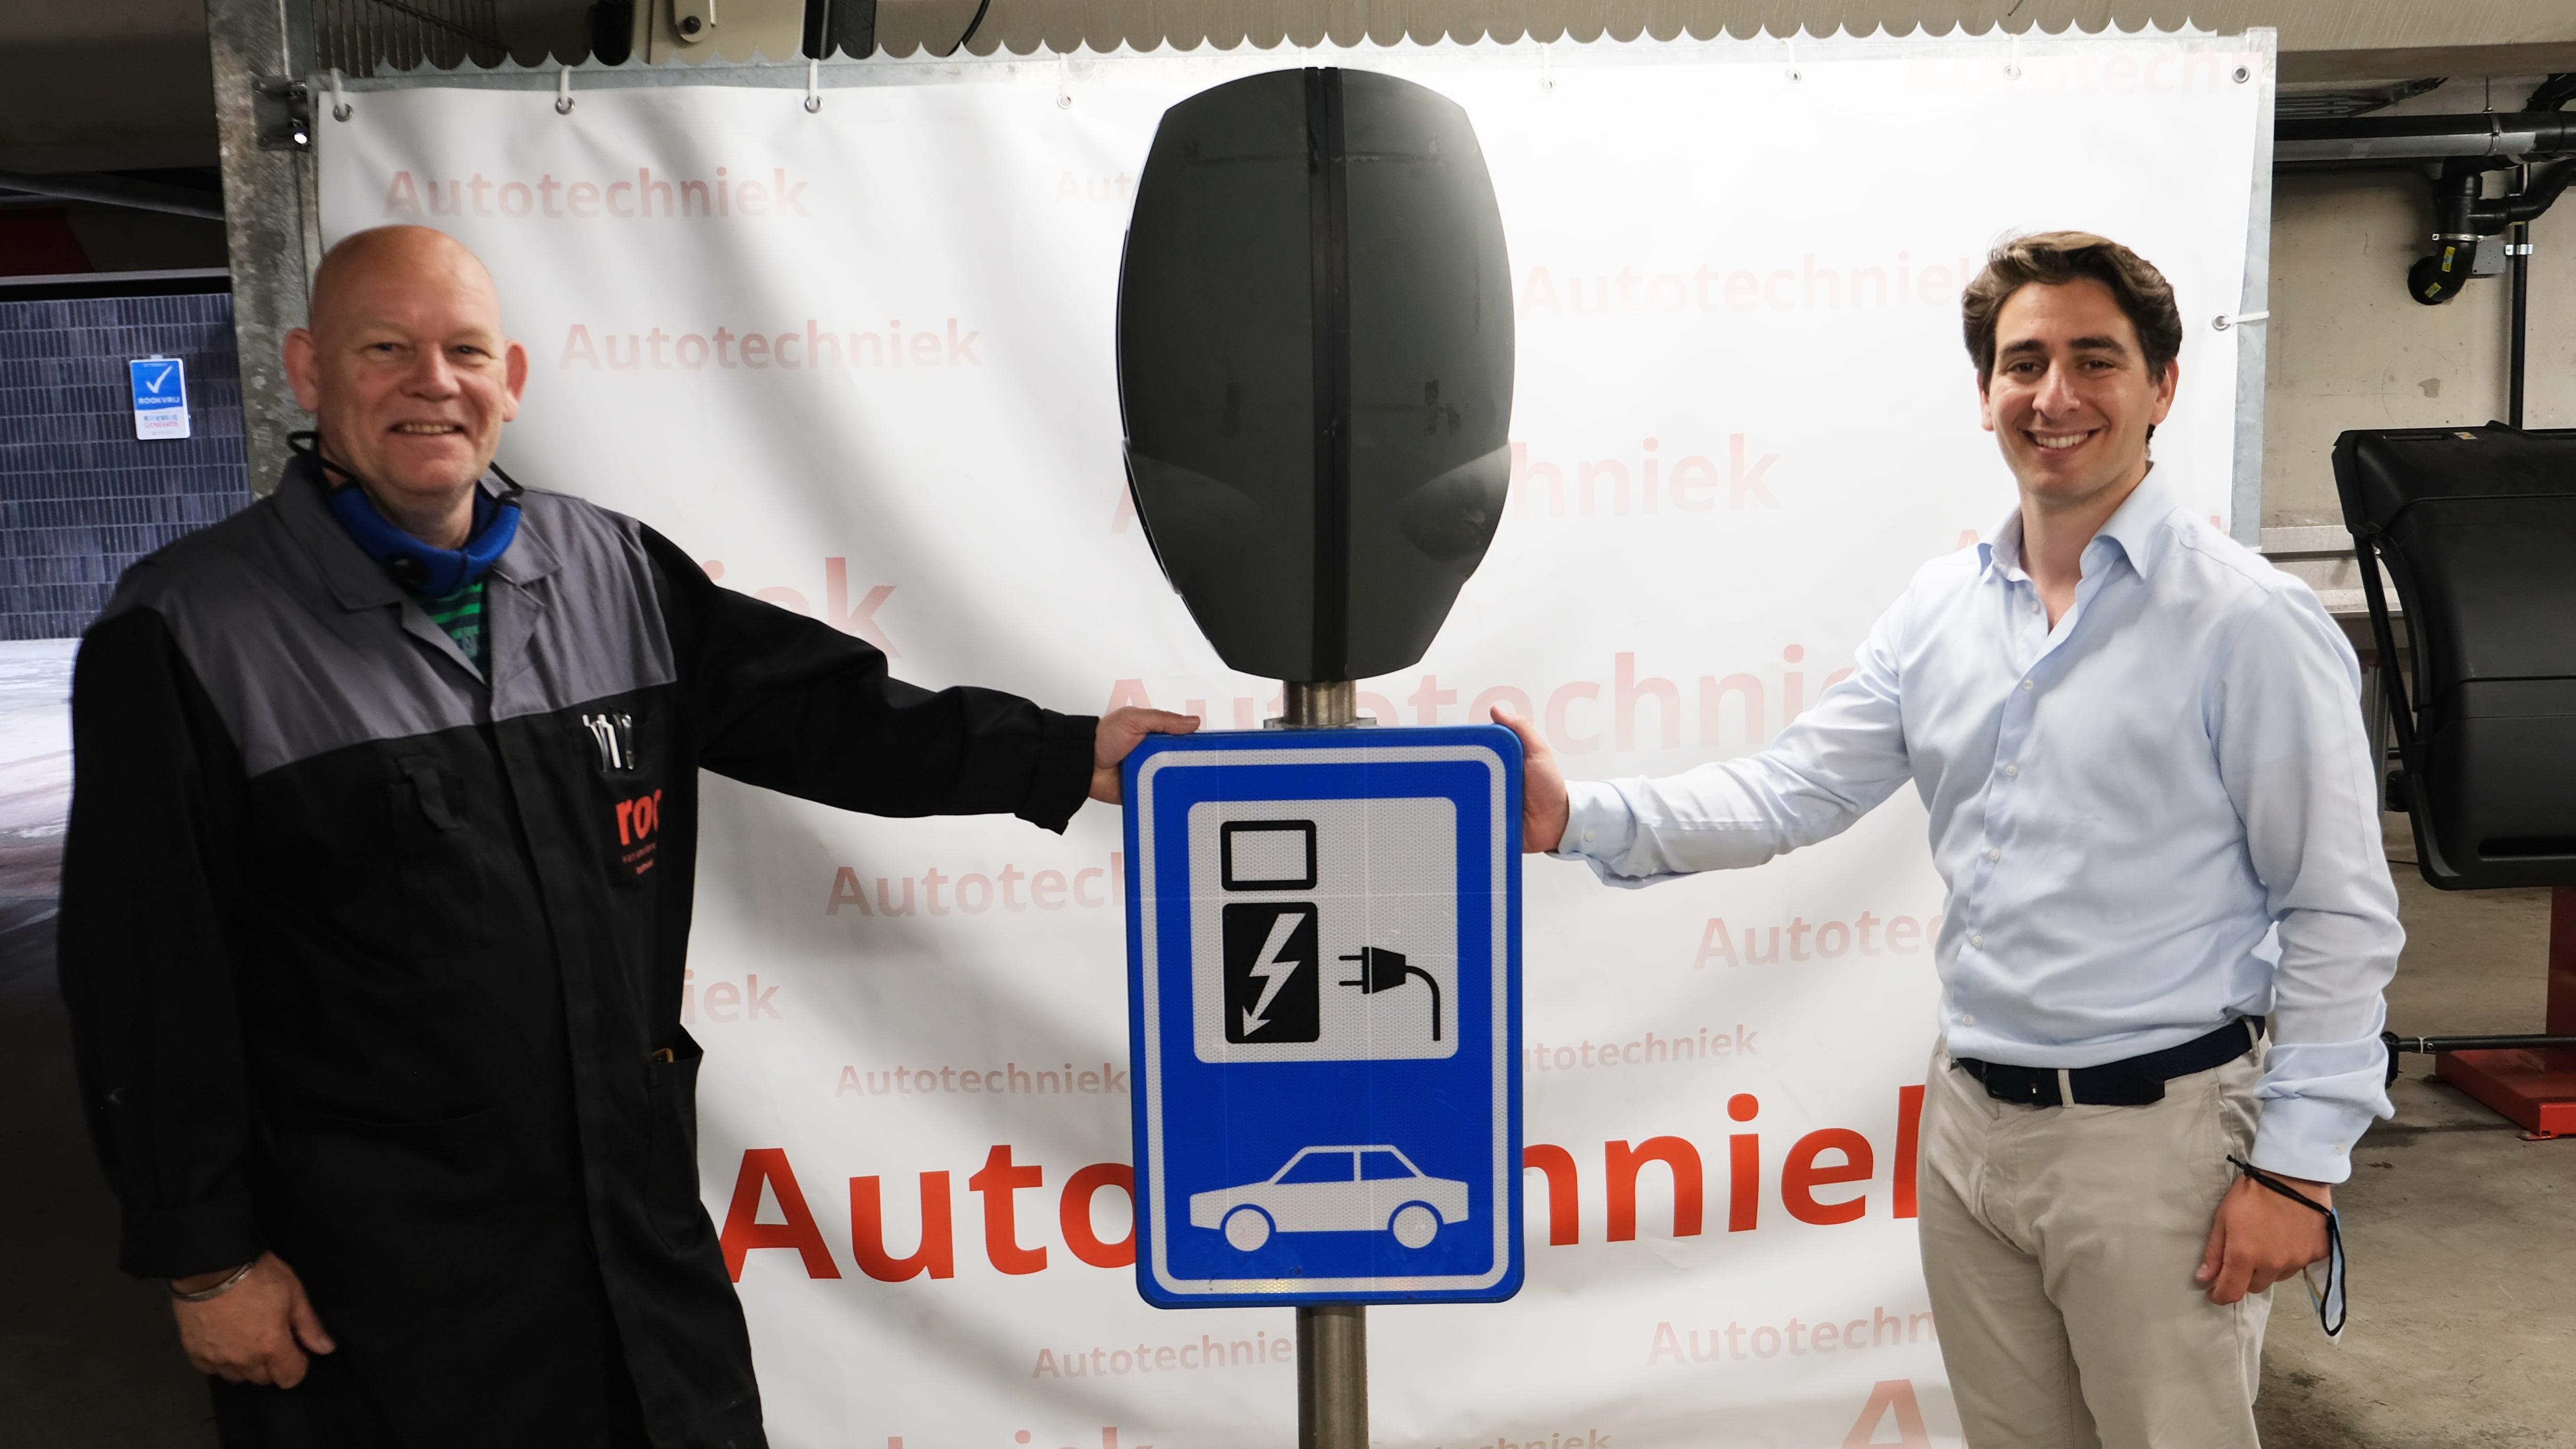 Maxime van Gelder, Business Development Manager Benelux bij EVBox, overhandigde de laadstations aan Rob Klerk, docent elektrotechniek van het ROC in Amsterdam